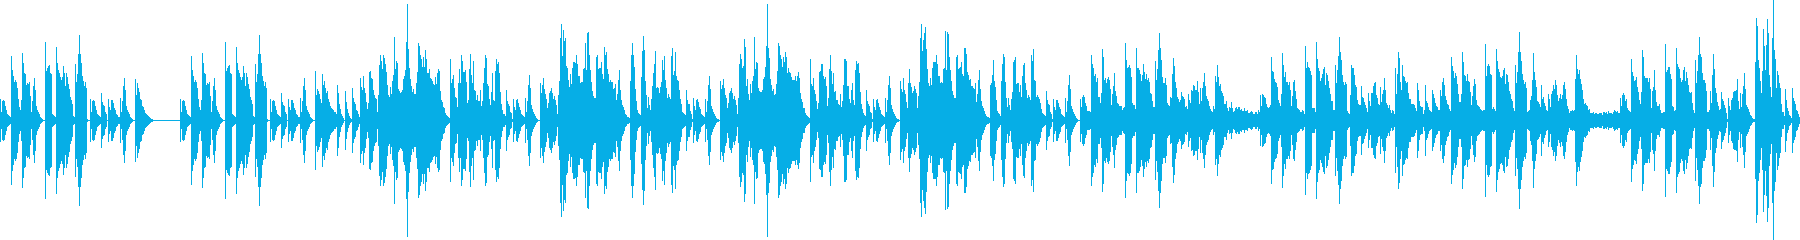 ポップ・ジャジー・ファンキー・スリリングの再生済みの波形